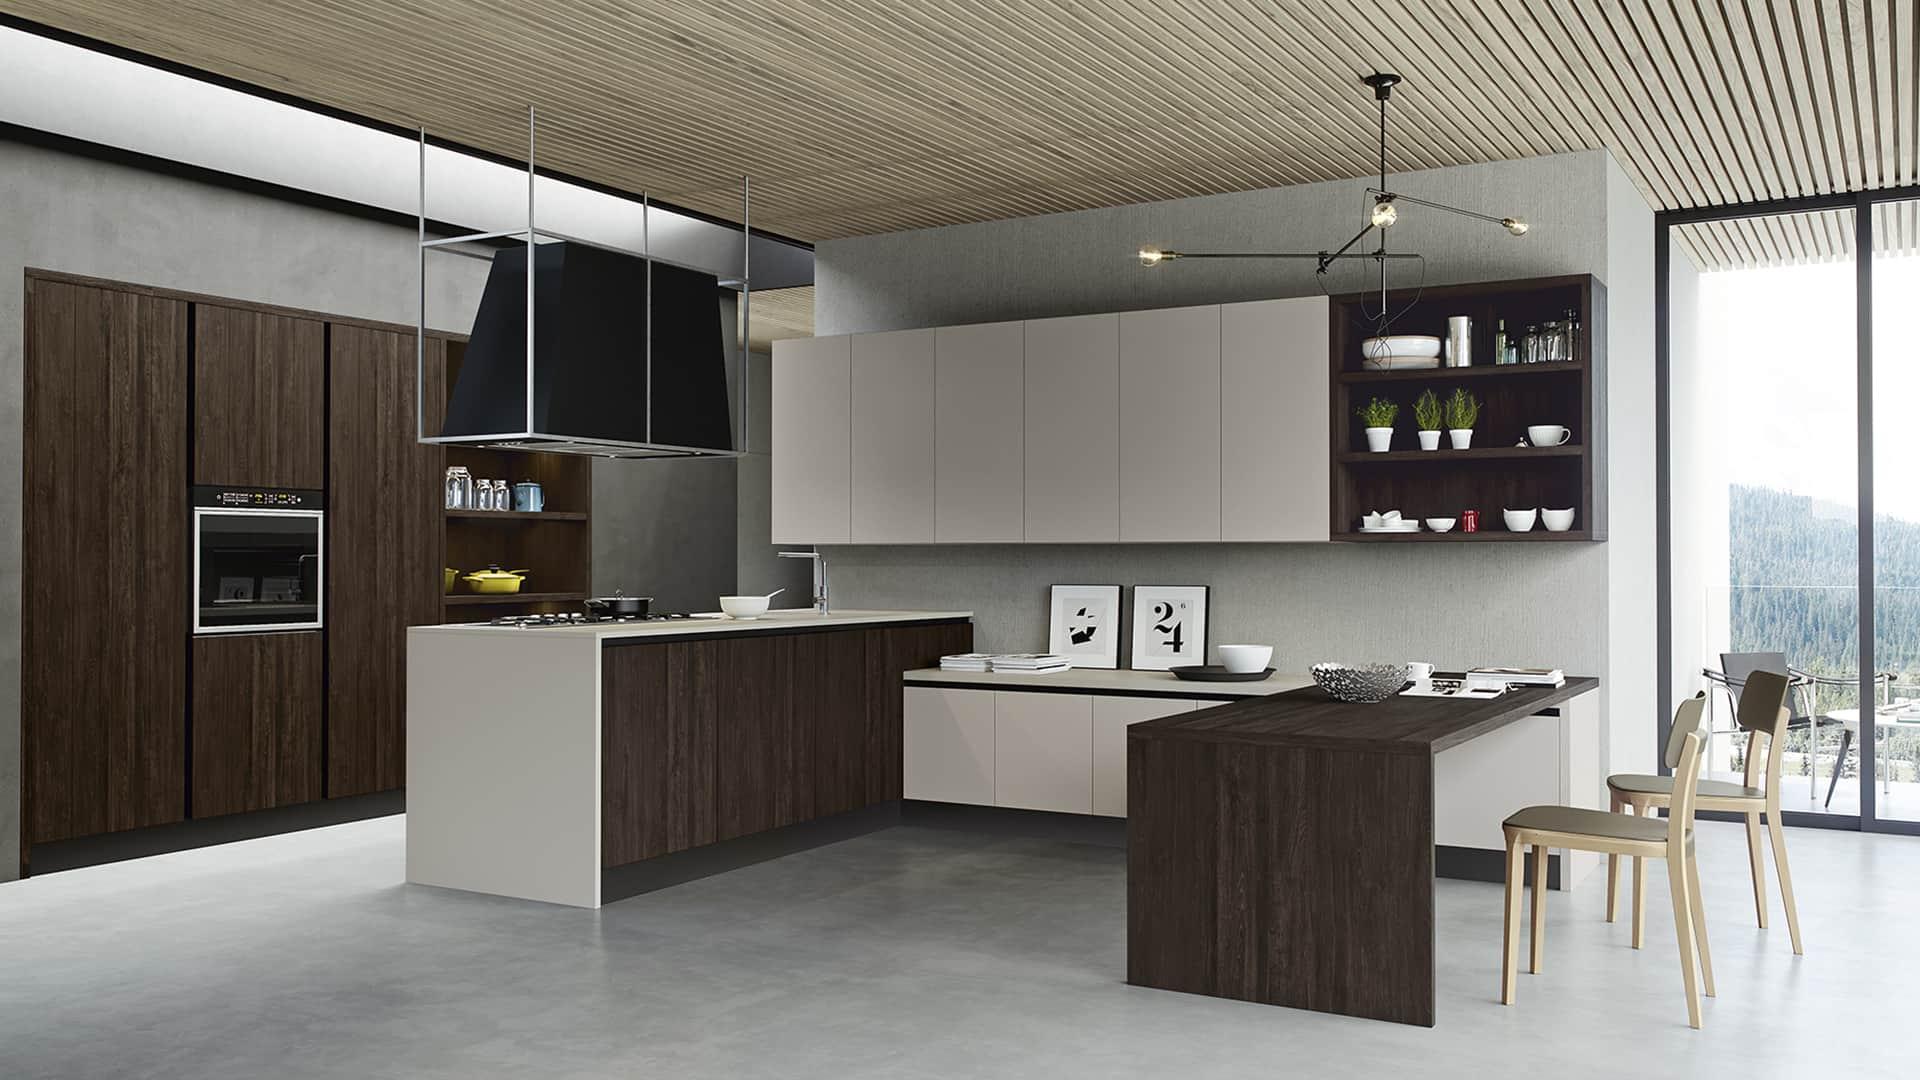 Cucine moderne con penisola padova for Cucine economiche moderne